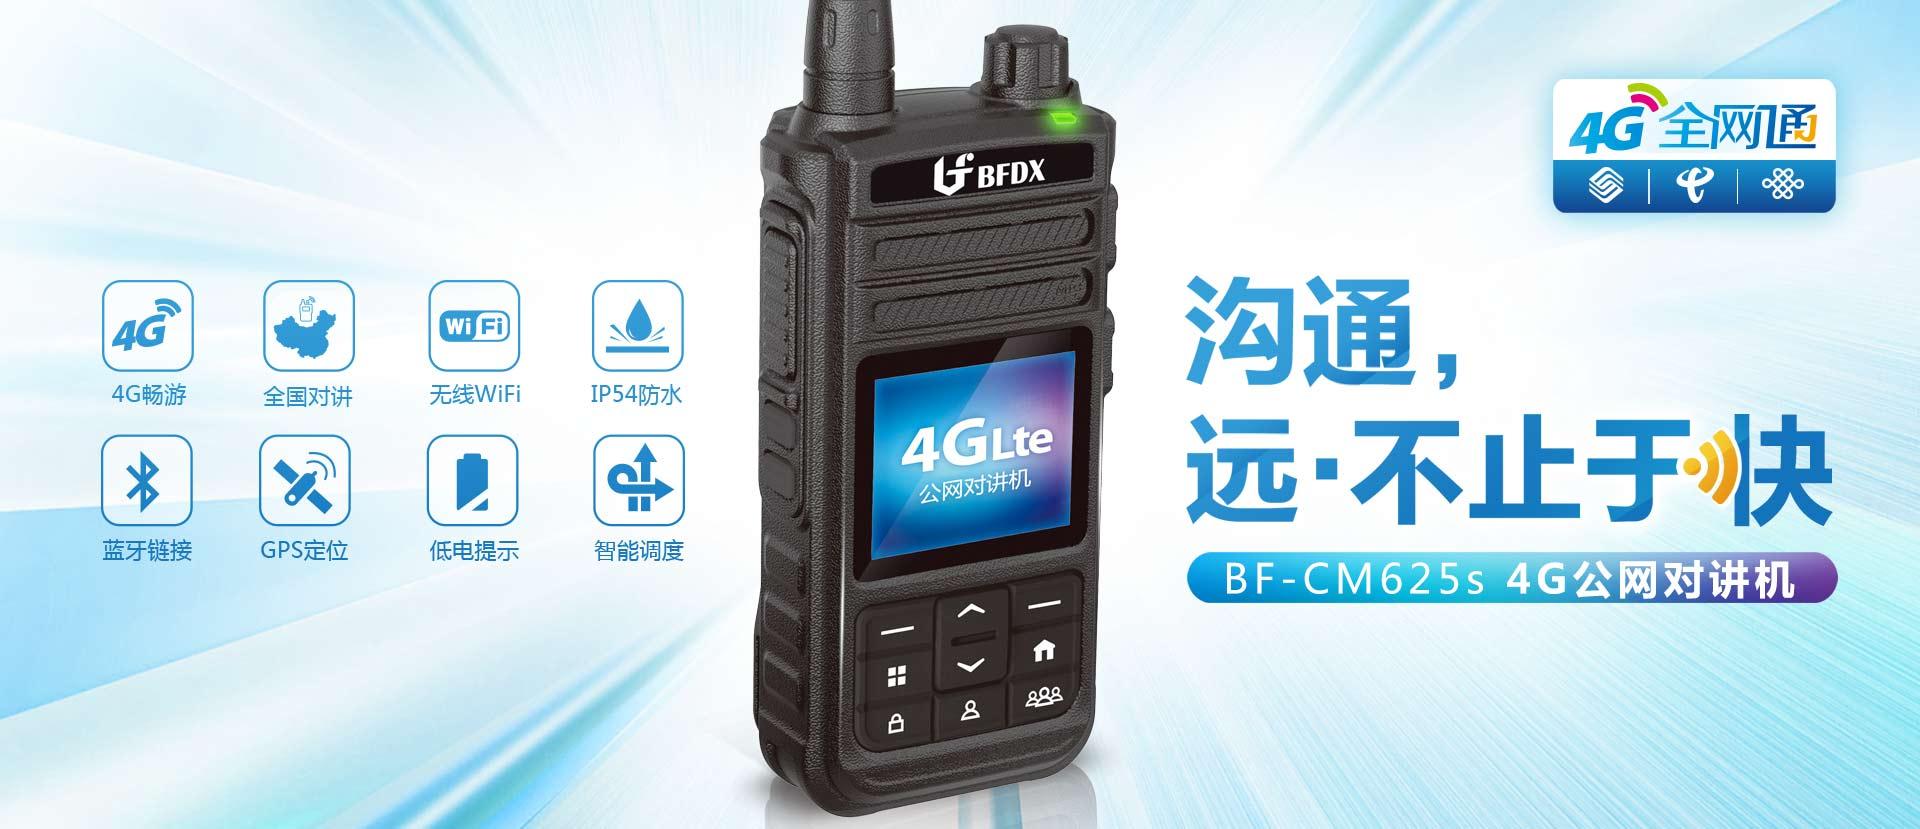 北峰BF-CM625s 4G全网通公网亚博体育苹果下载地址